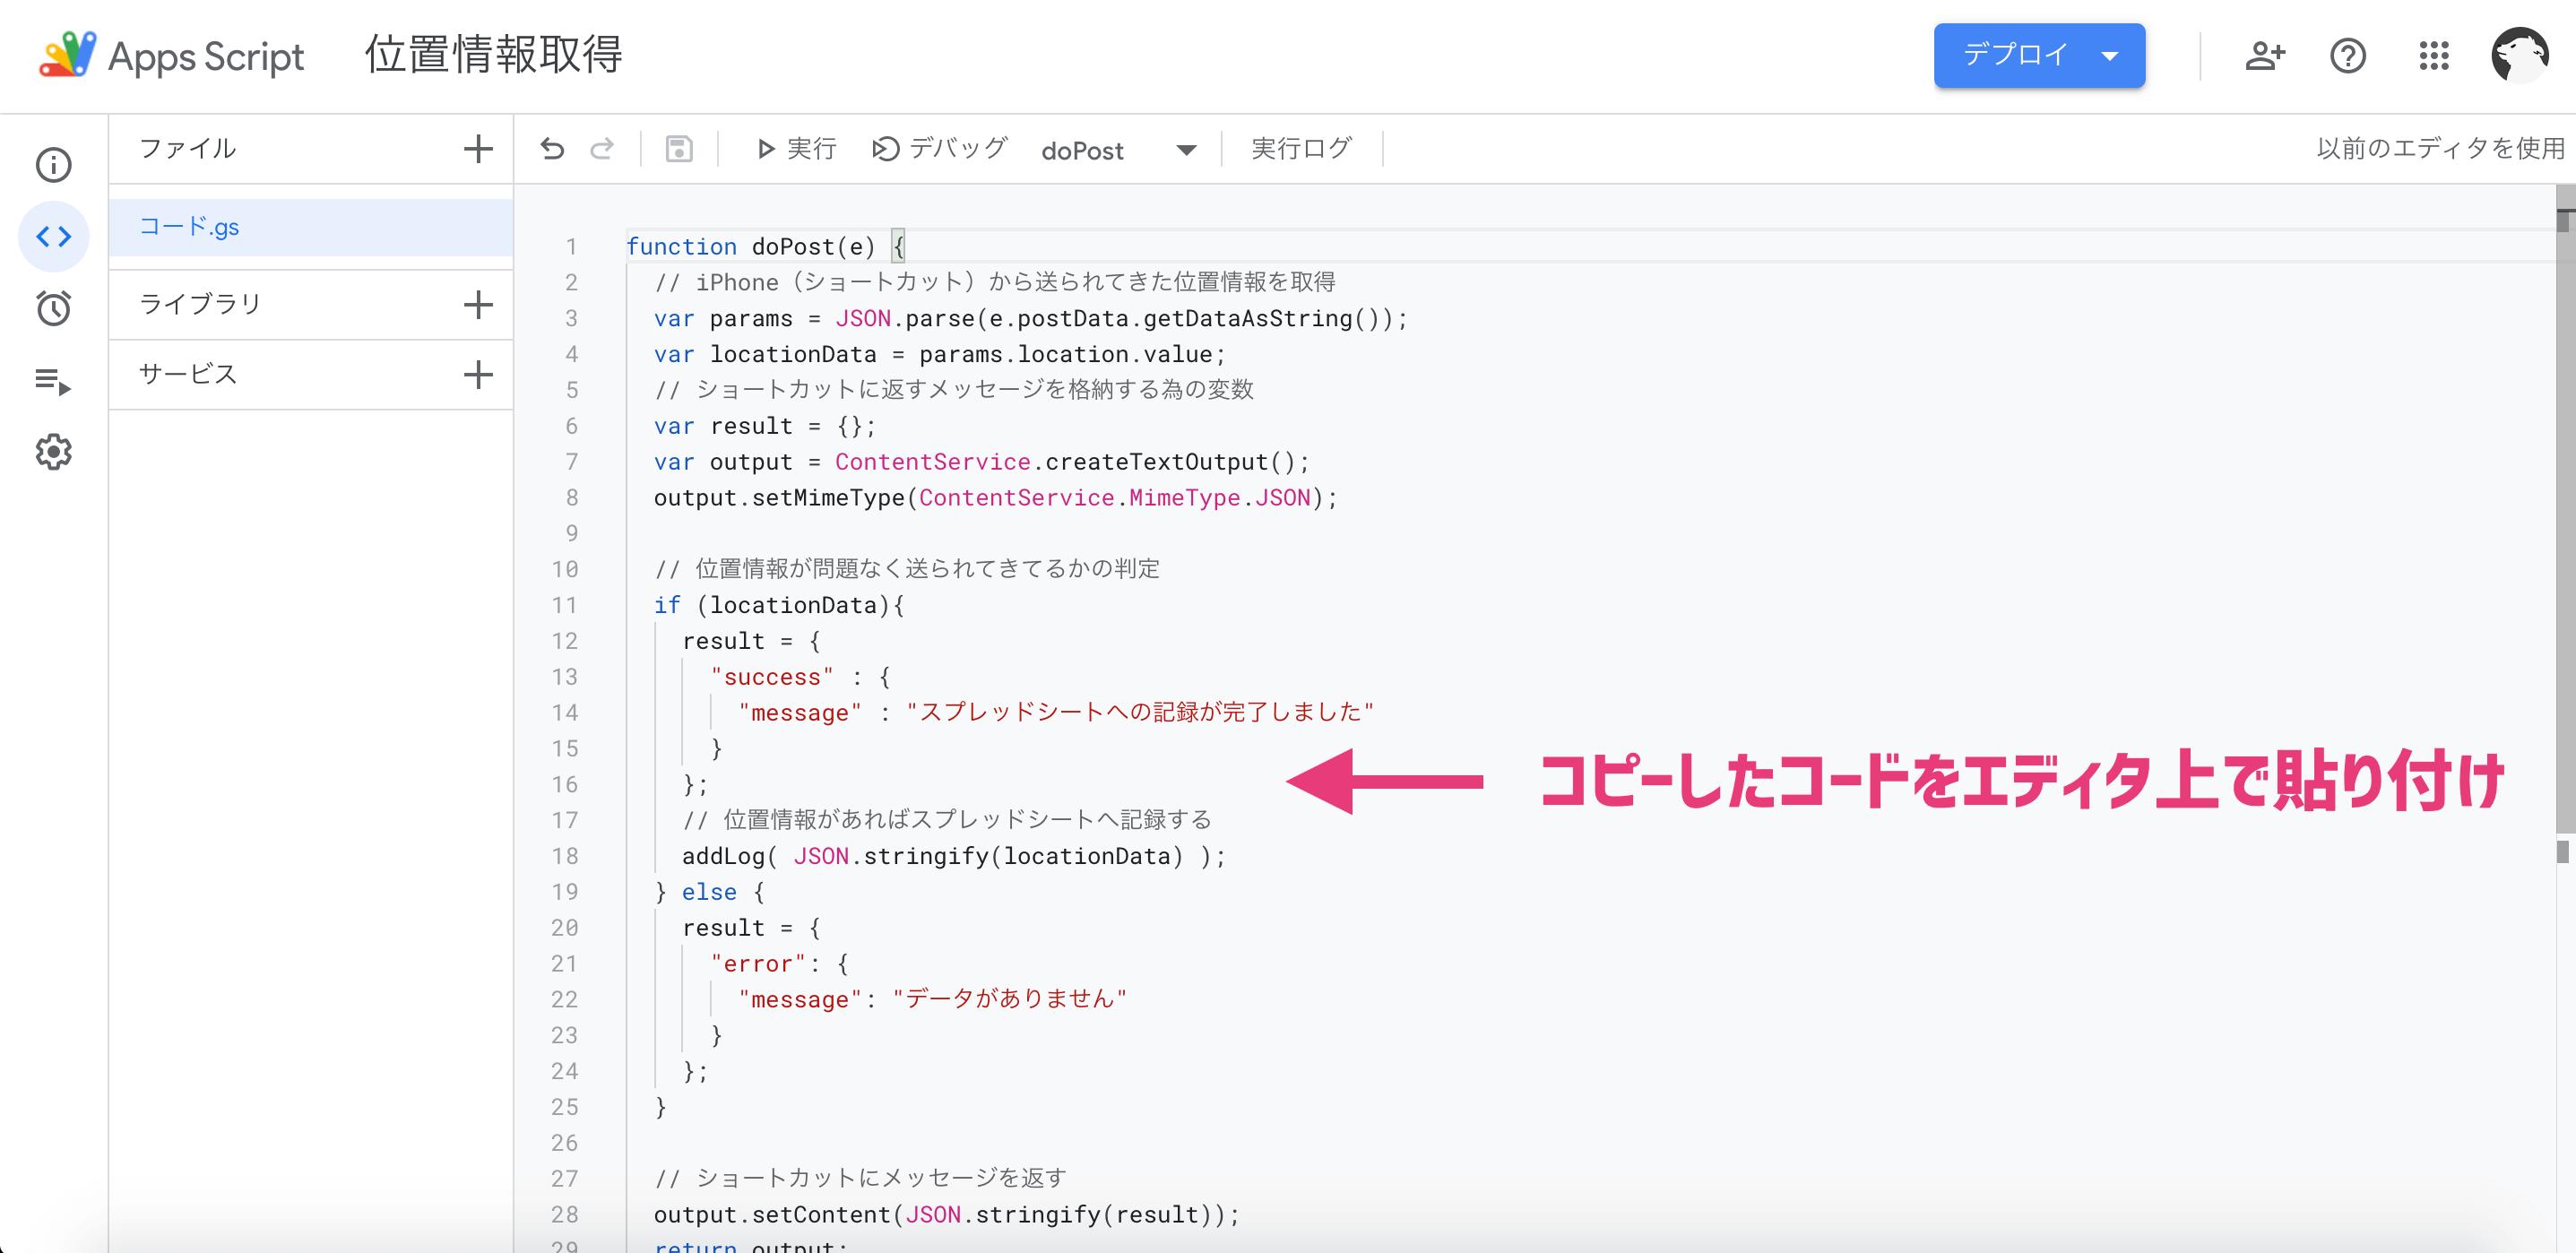 コピーしたコードをエディタ上で貼り付け